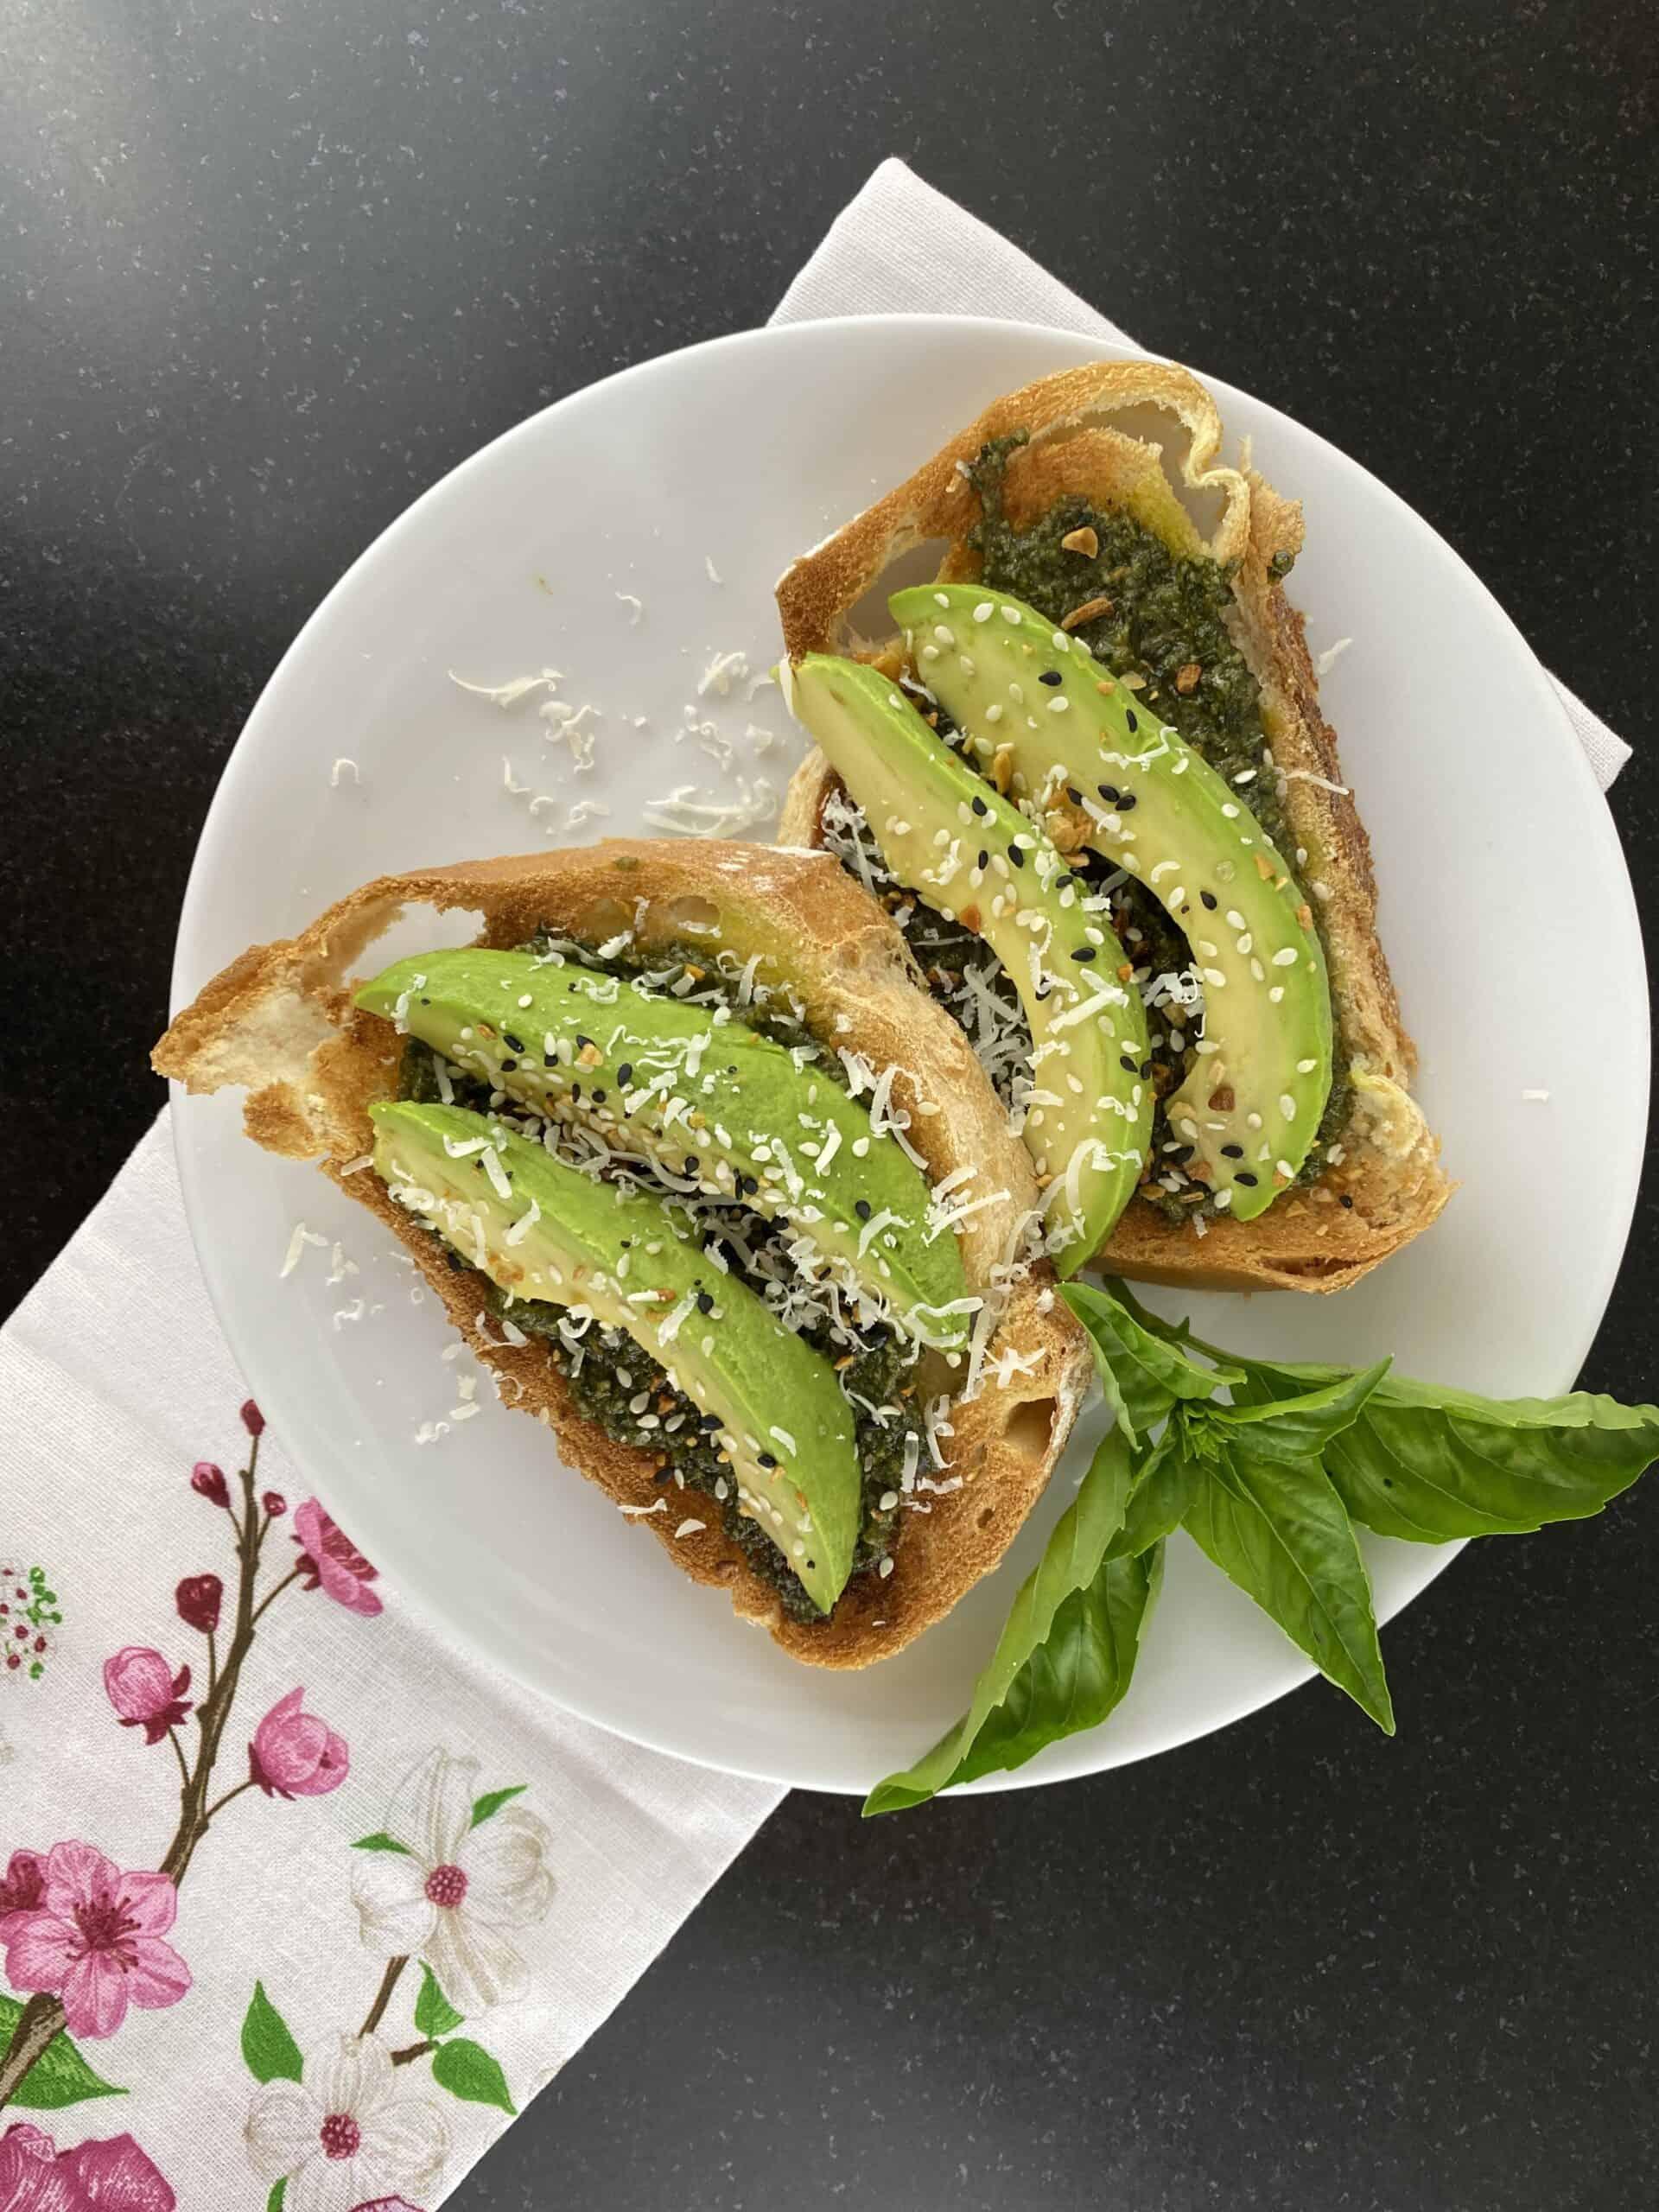 Pesto with Avocado Toast